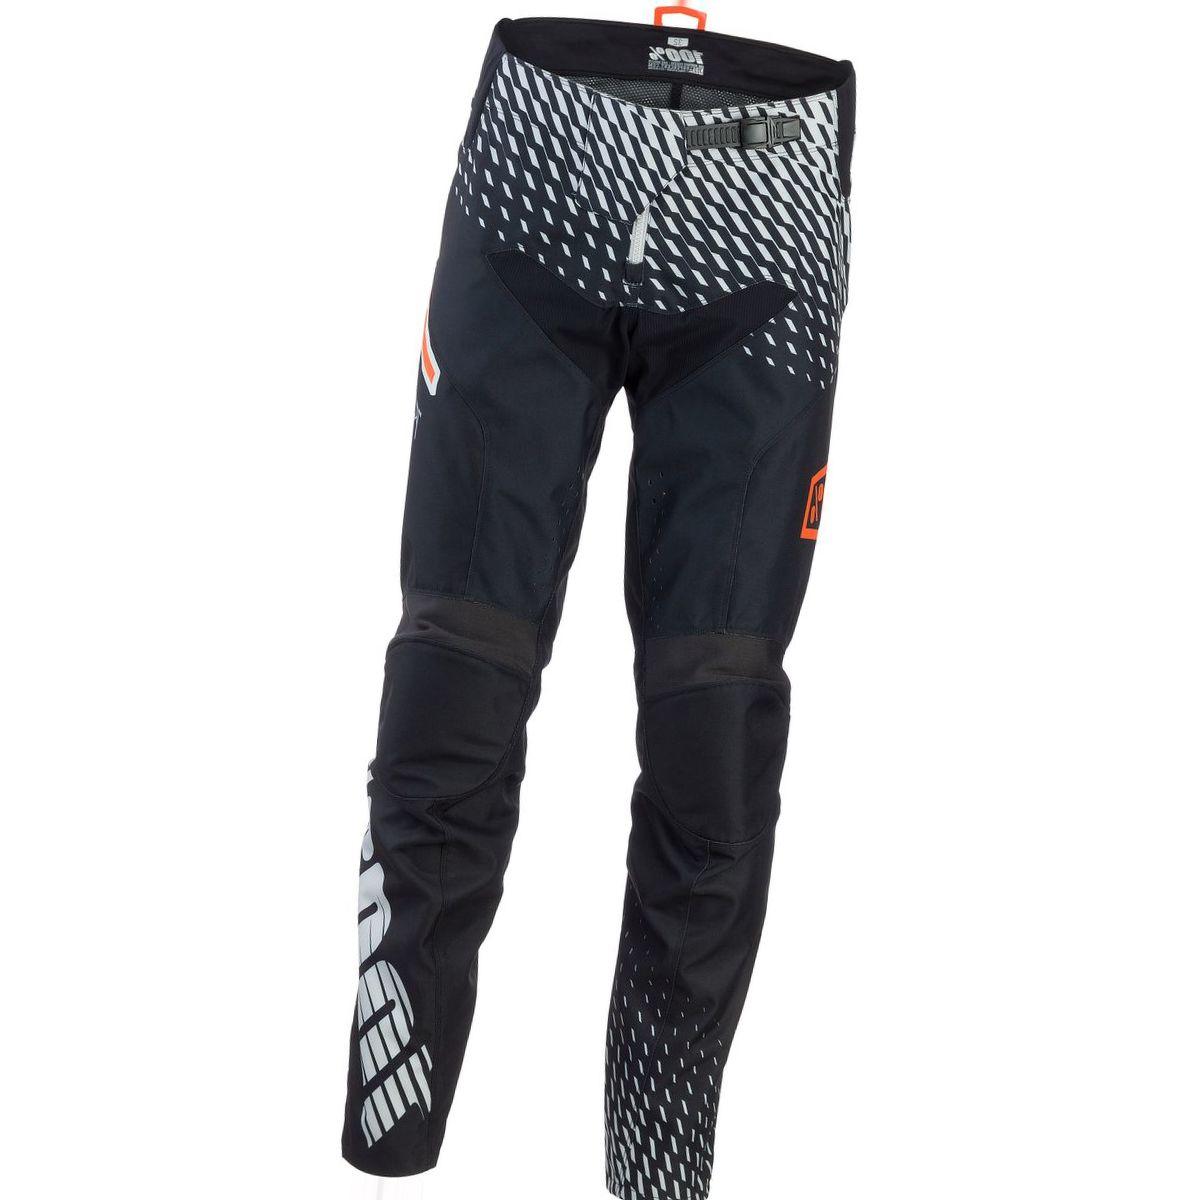 100% R-Core DH Pant - Men's